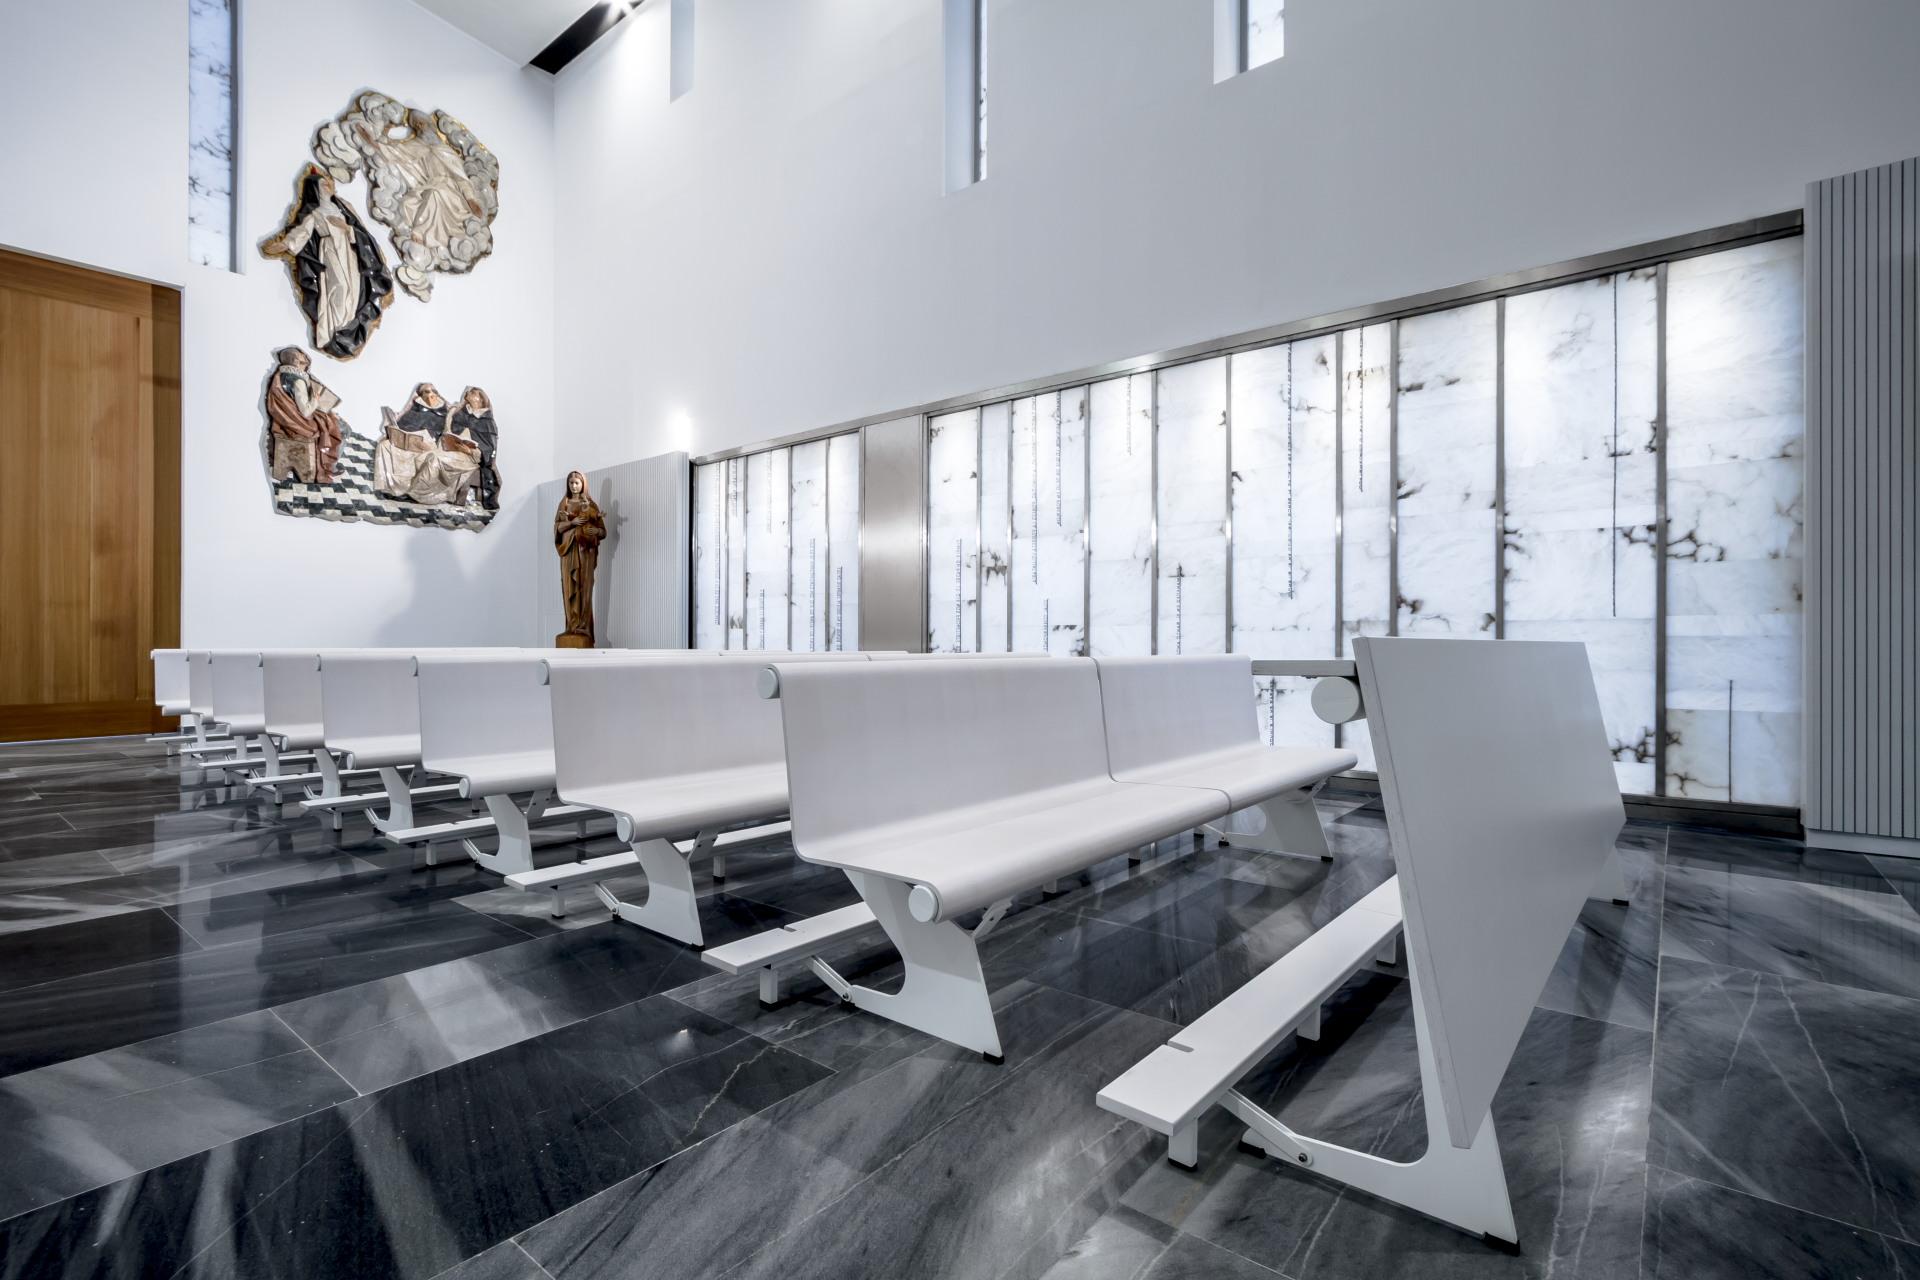 fotografia-arquitectura-valencia-german-cabo-hernandez-monasterio (51)